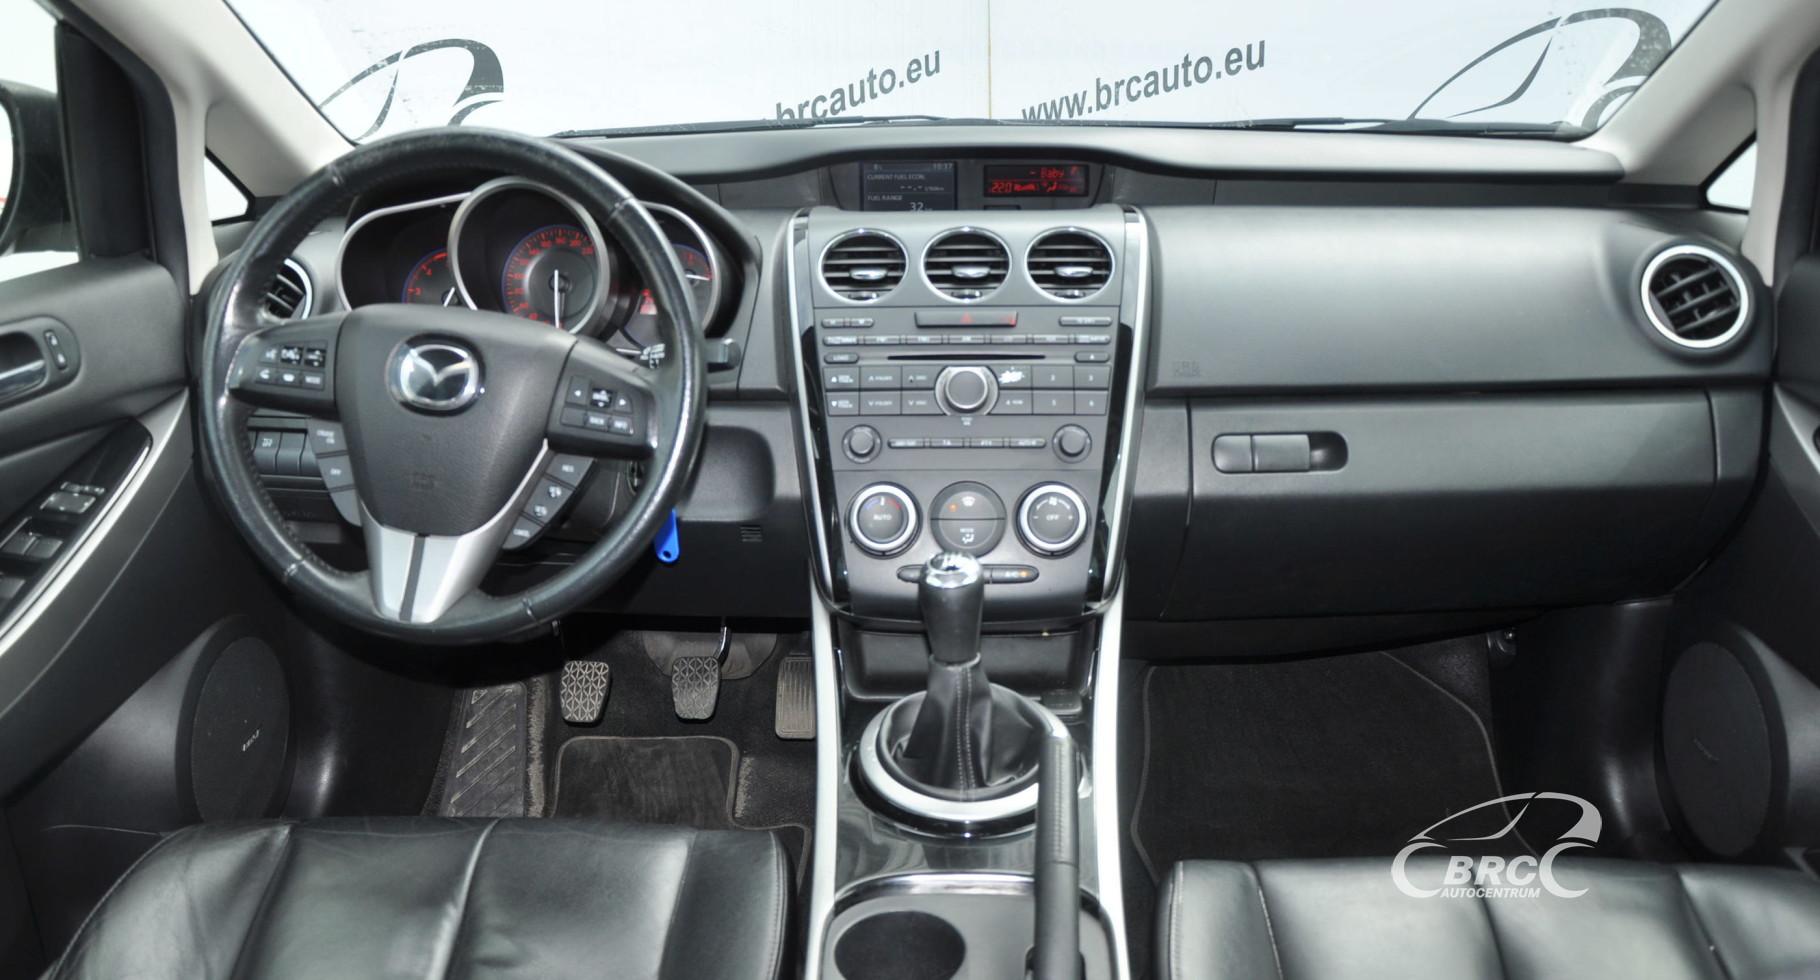 Mazda CX-7 2.2D